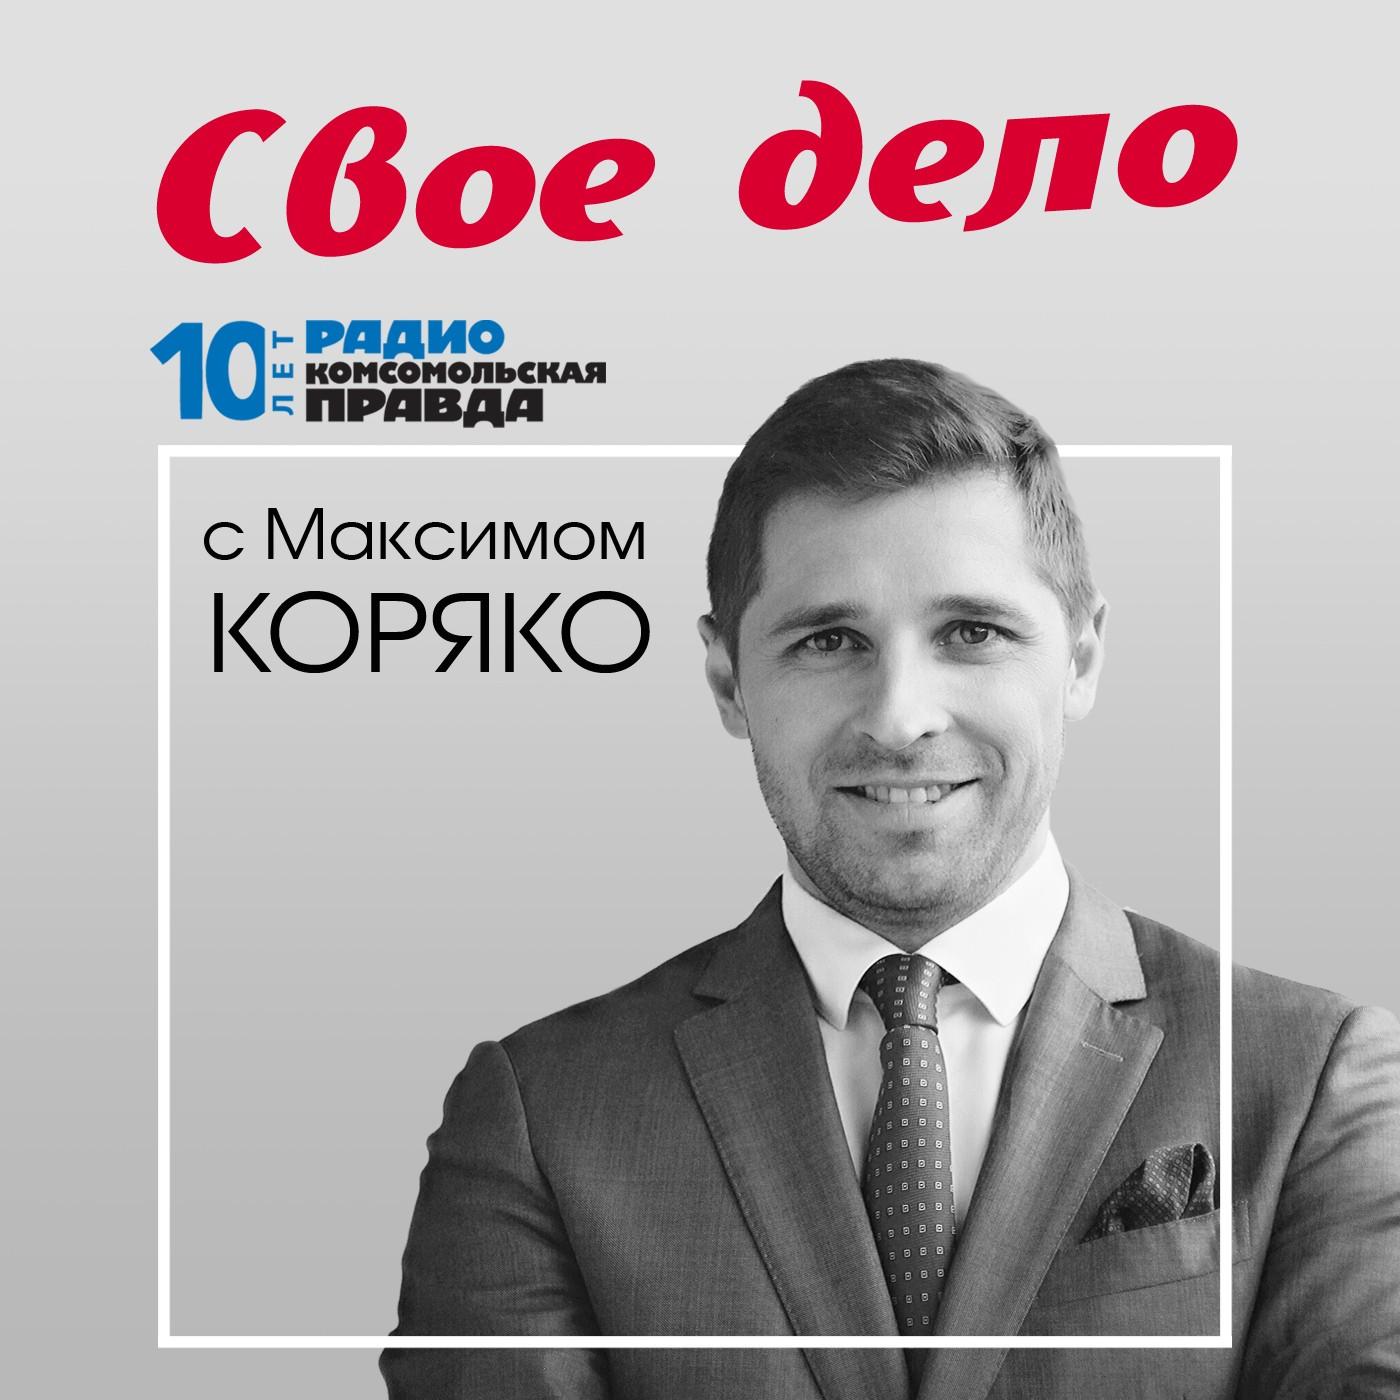 Фото - Радио «Комсомольская правда» Бизнес и немного личного: Рабочее место - диван михаил горбунов отчина